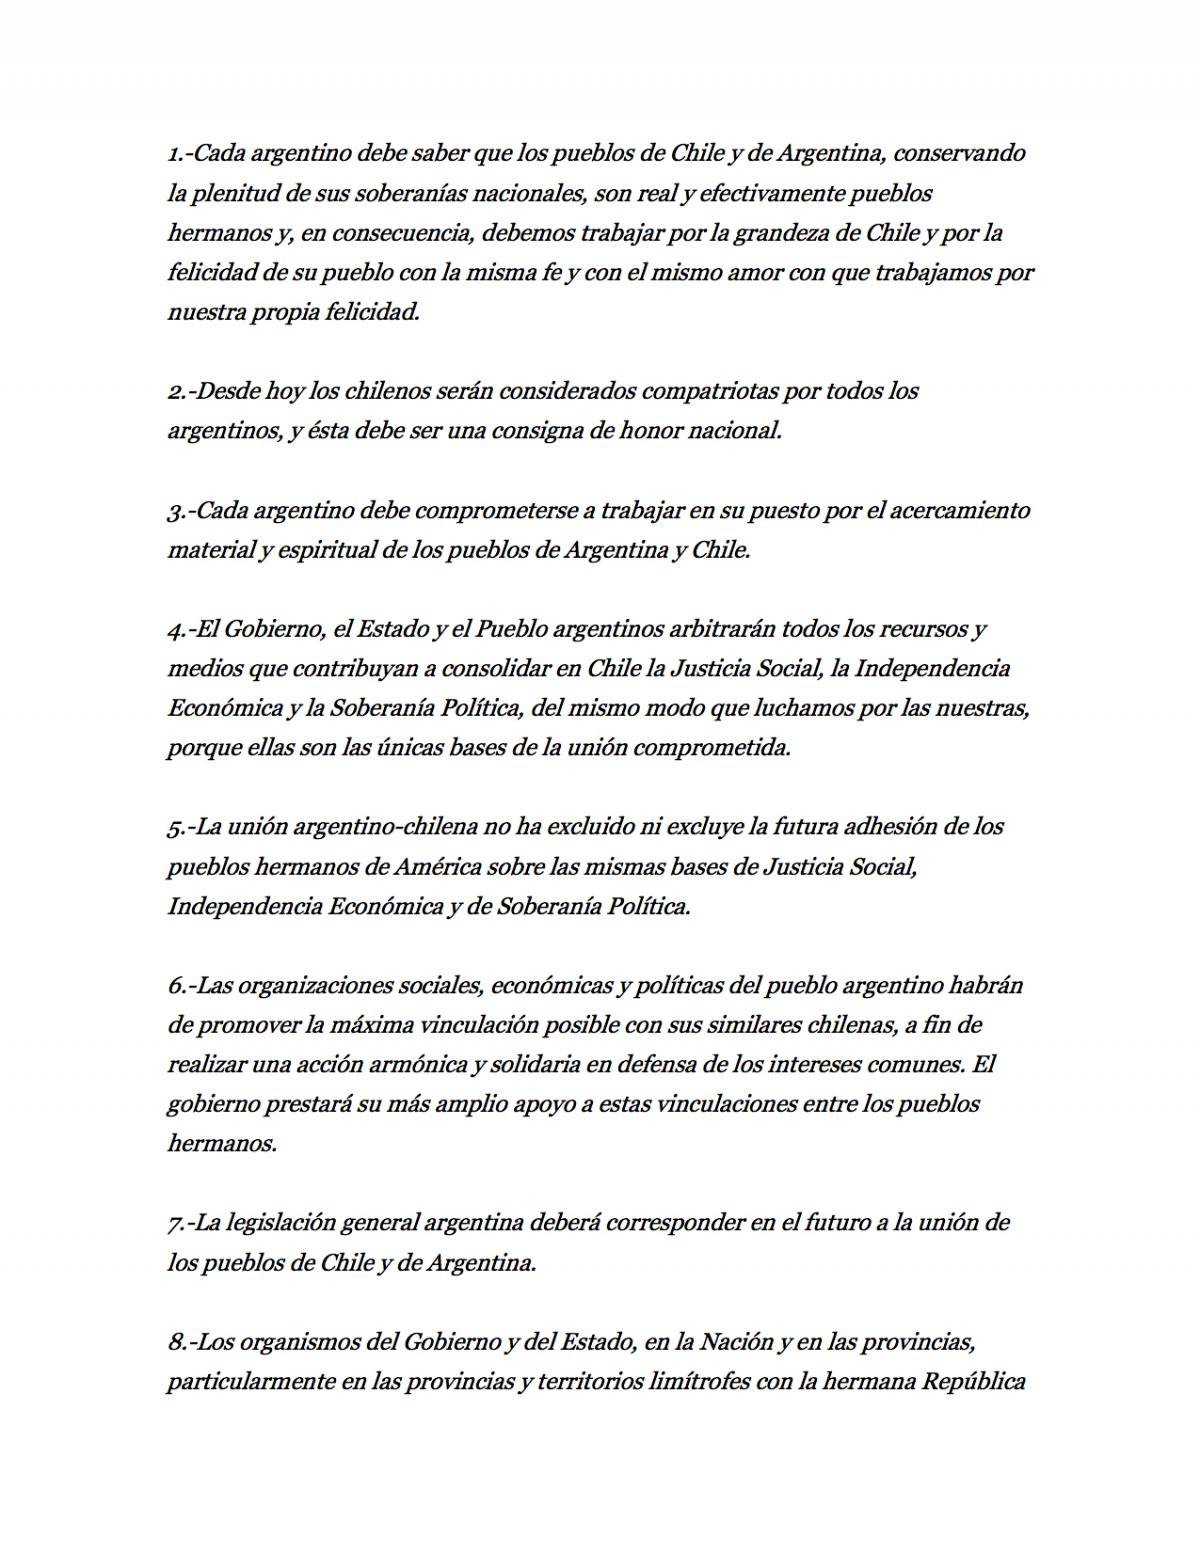 El decálogo de Perón